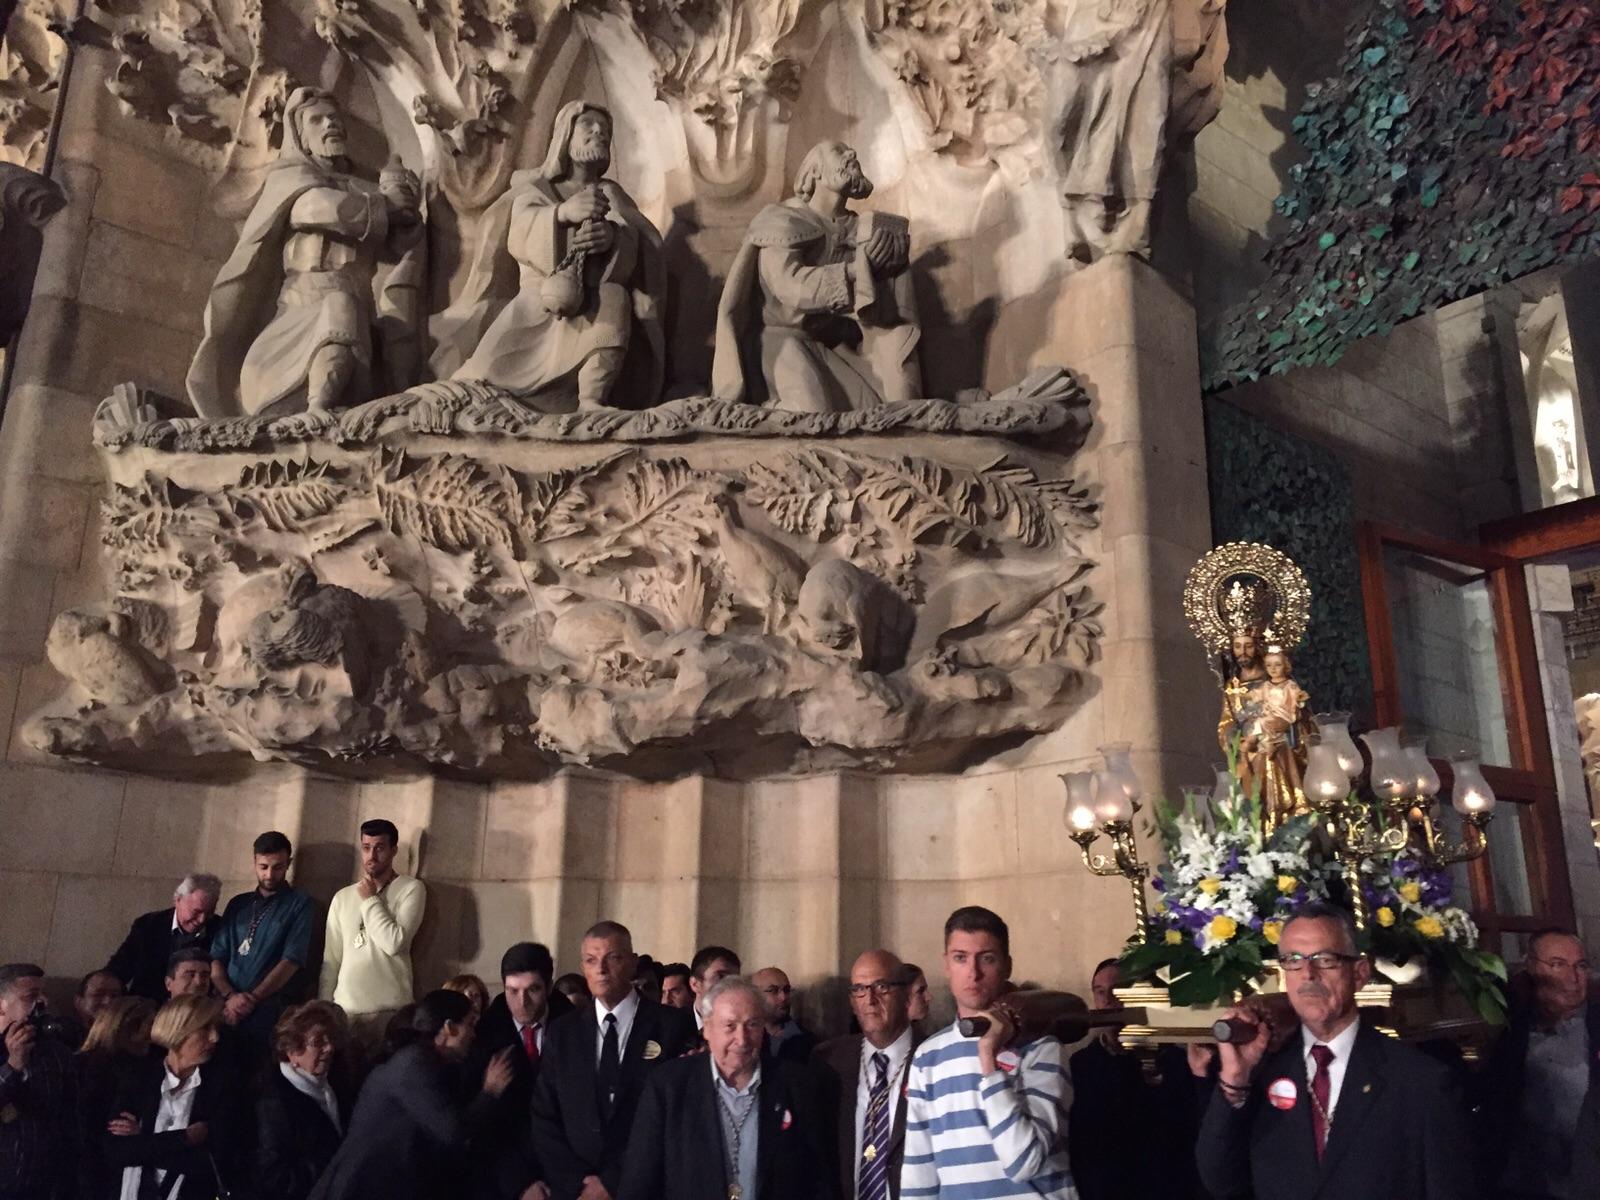 Visita Guiada a la Sagrada Familia Completo